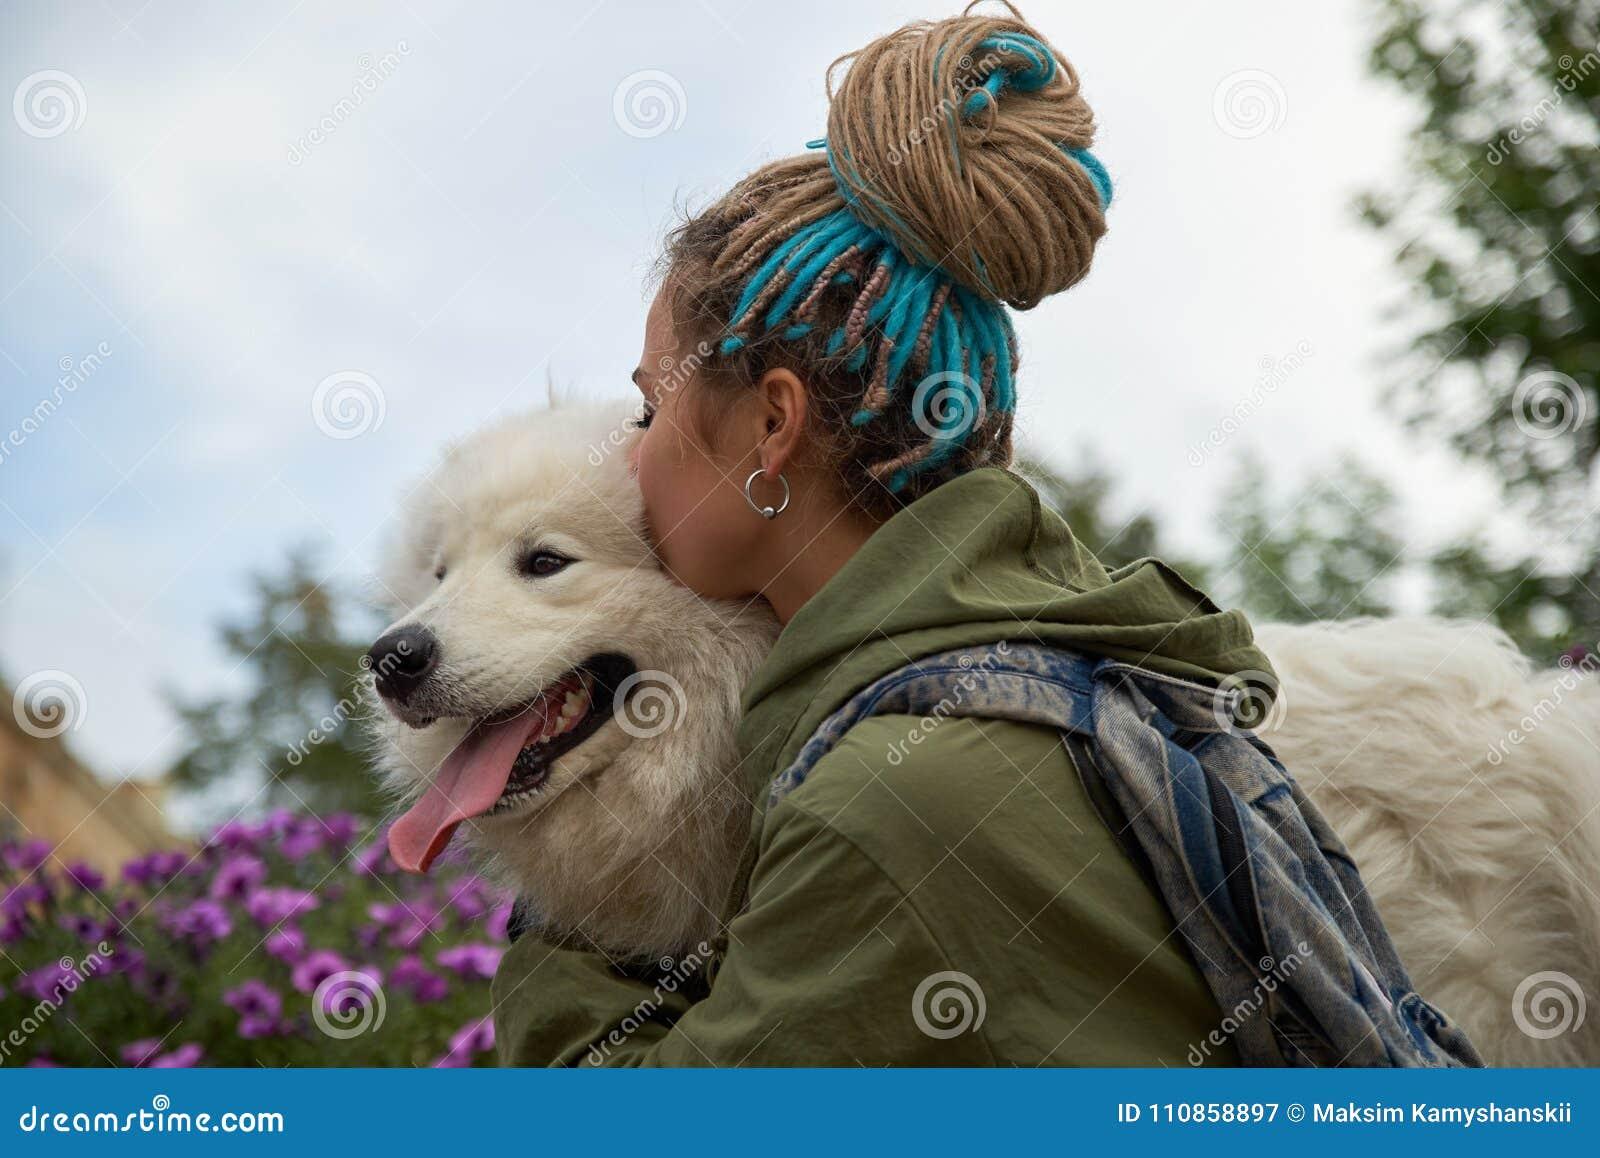 Το σύγχρονο μοντέρνο νέο κορίτσι με τα dreadlocks στο κεφάλι της αγκαλιάζει και φιλά το αγαπημένο σκυλί της λευκό σαν το χιόνι Sa